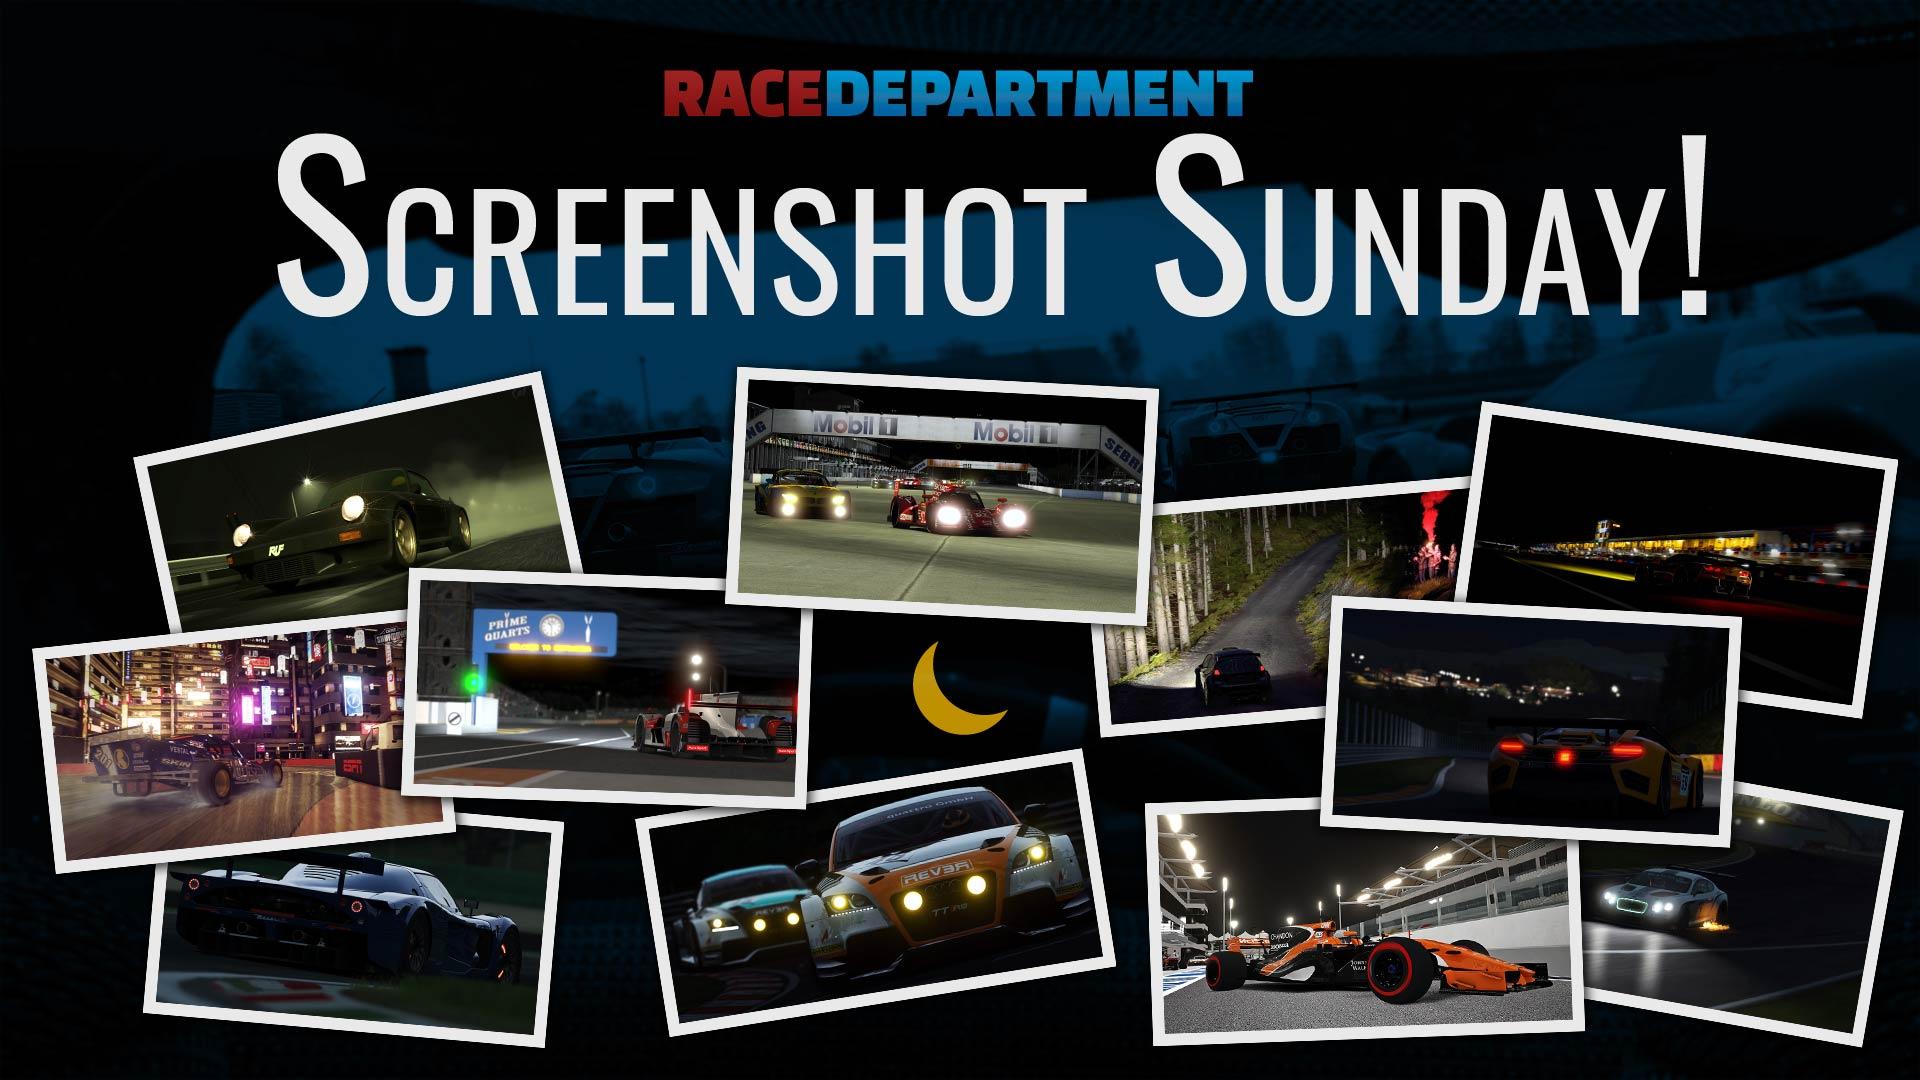 Screenshot Sunday - Night -17-09.jpg